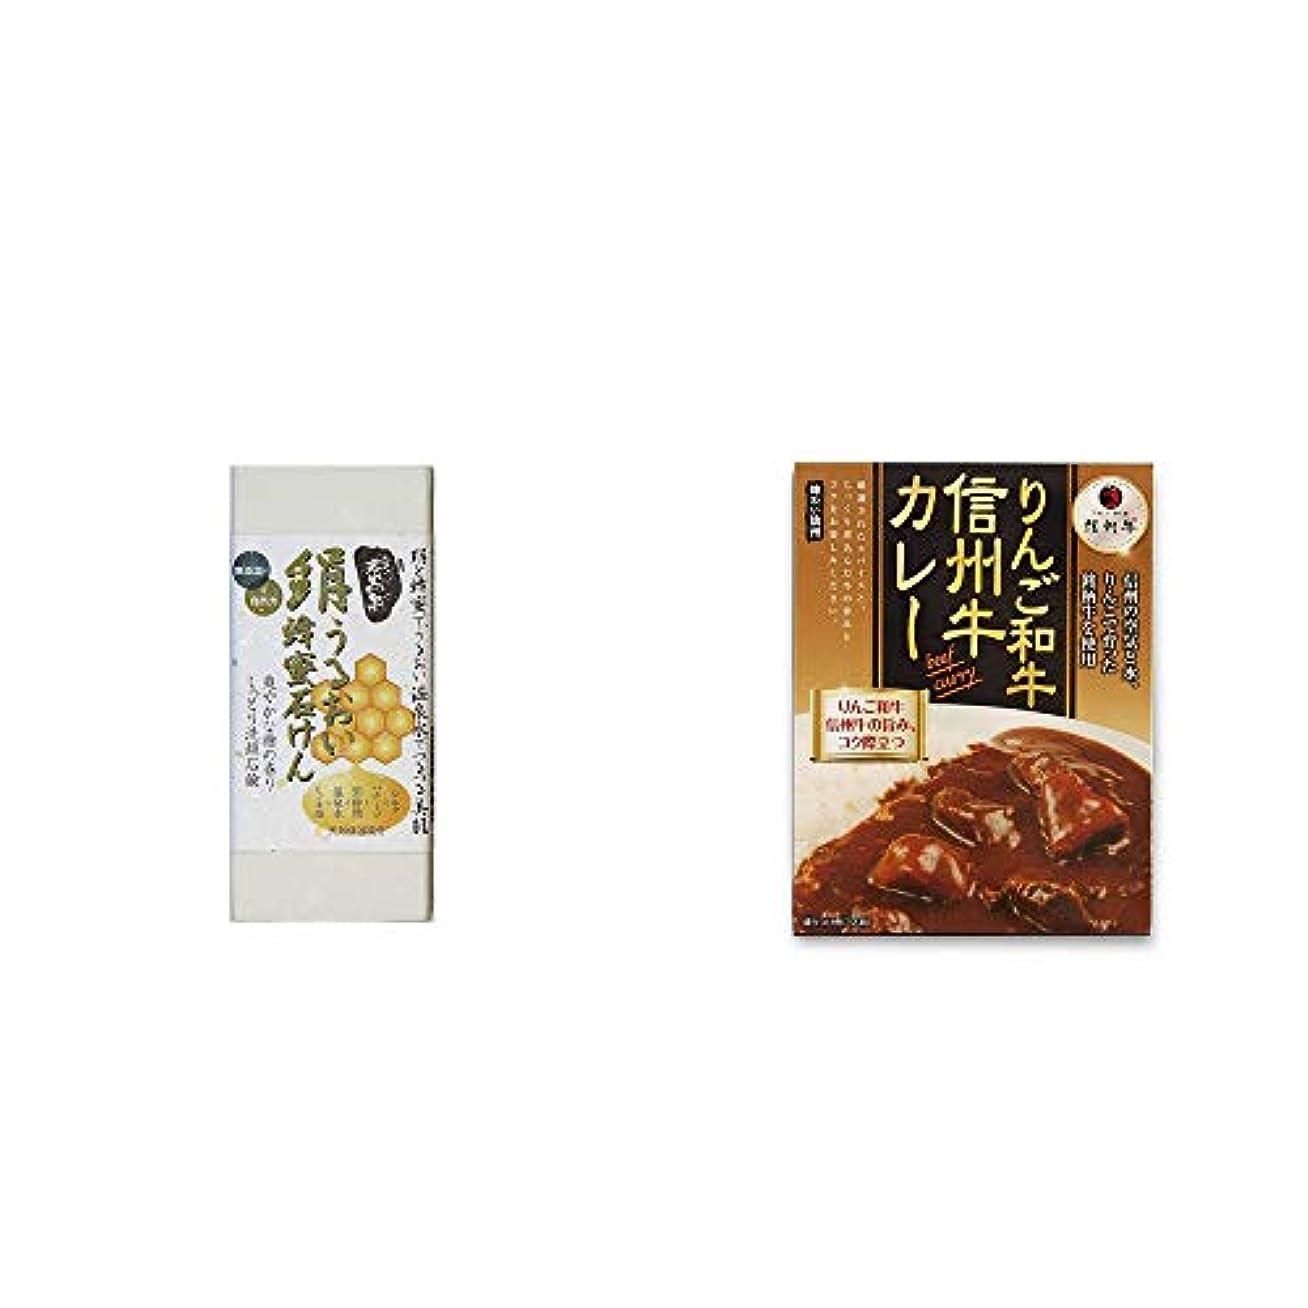 ストレスの多いアコード少数[2点セット] ひのき炭黒泉 絹うるおい蜂蜜石けん(75g×2)?りんご和牛 信州牛カレー(1食分)